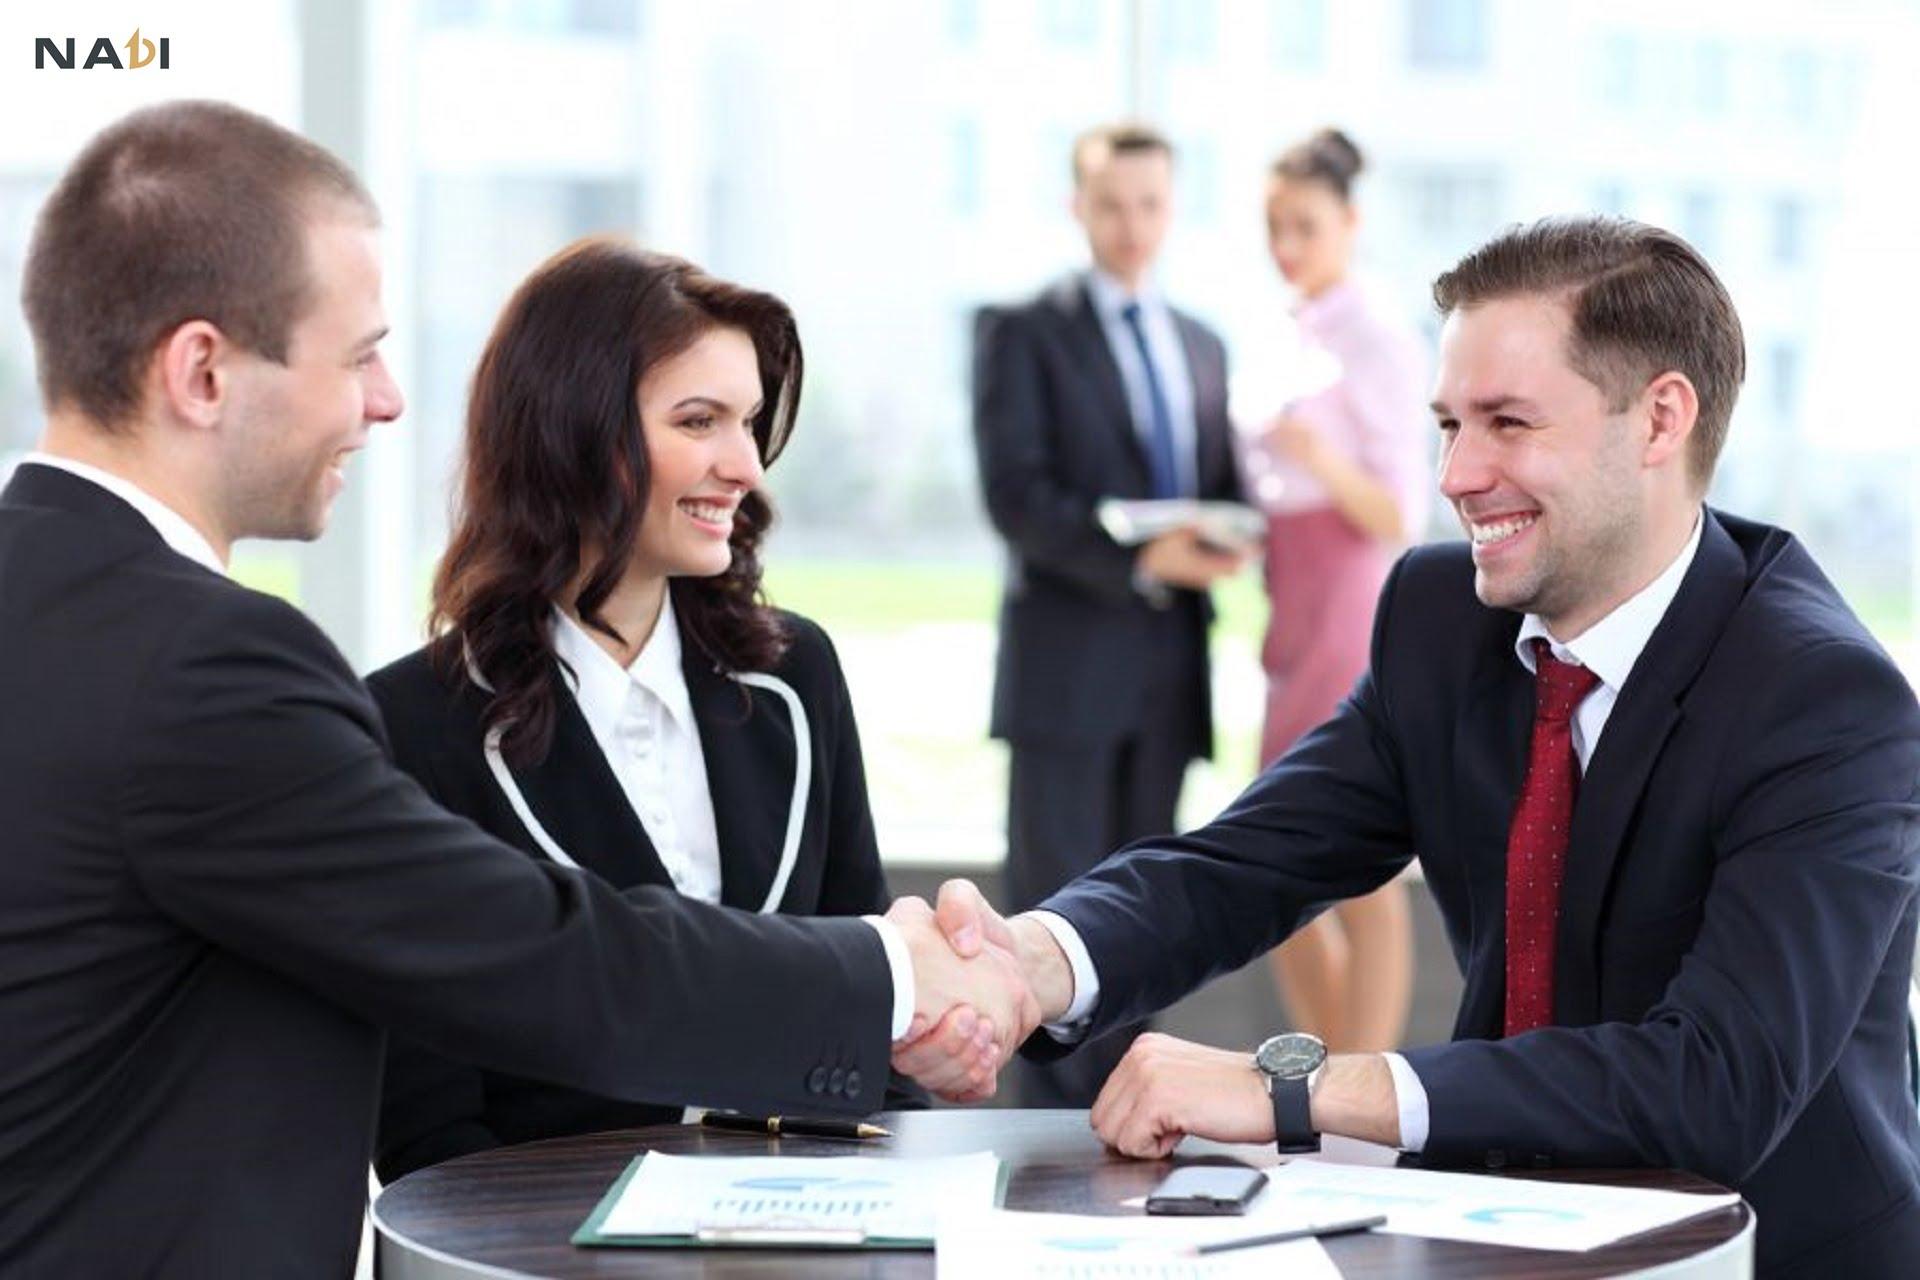 Điều cơ bản của những nguyên tắc trong giao tiếp là sự tôn trọng đối phương.